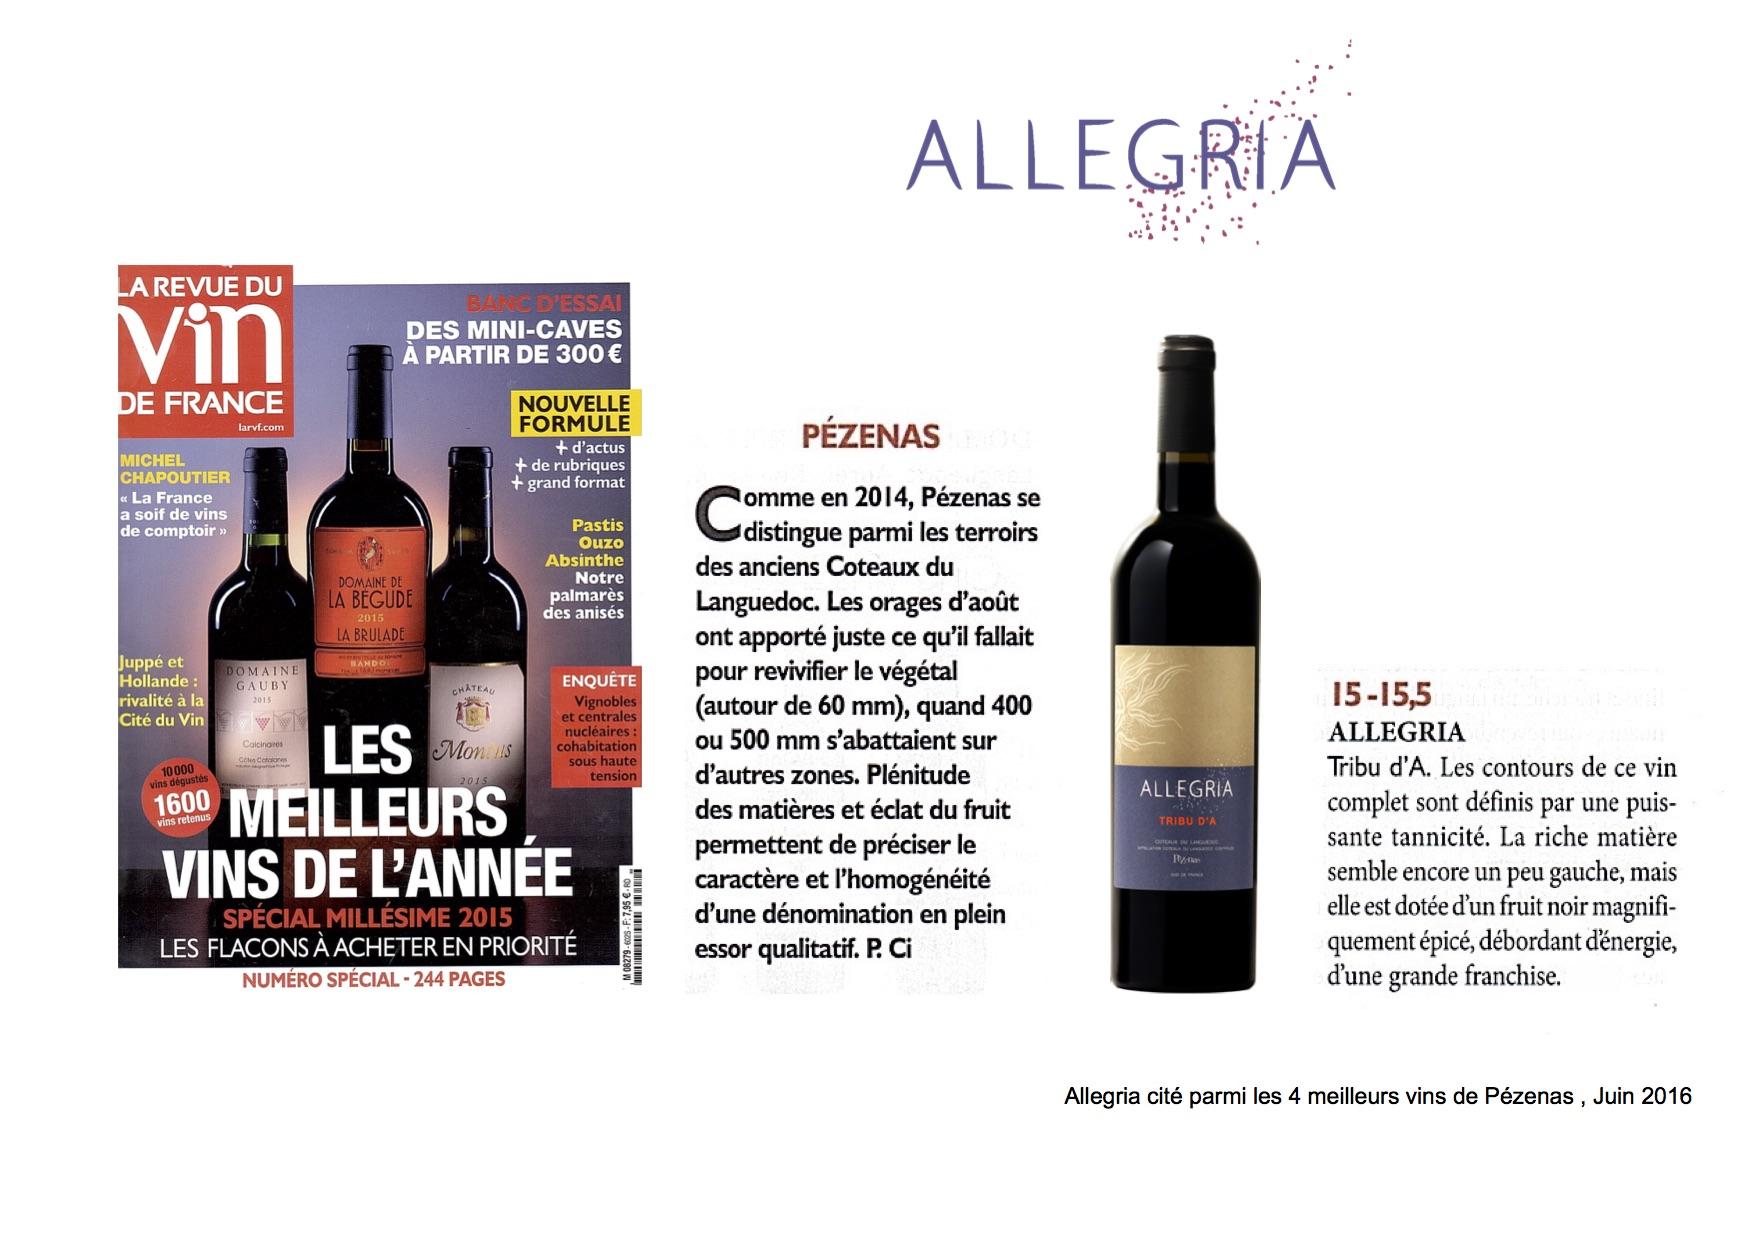 Tribu d'A rouge 2015 cité parmi les 4 meilleurs vins de Pezenas par la Revue du Vin de France